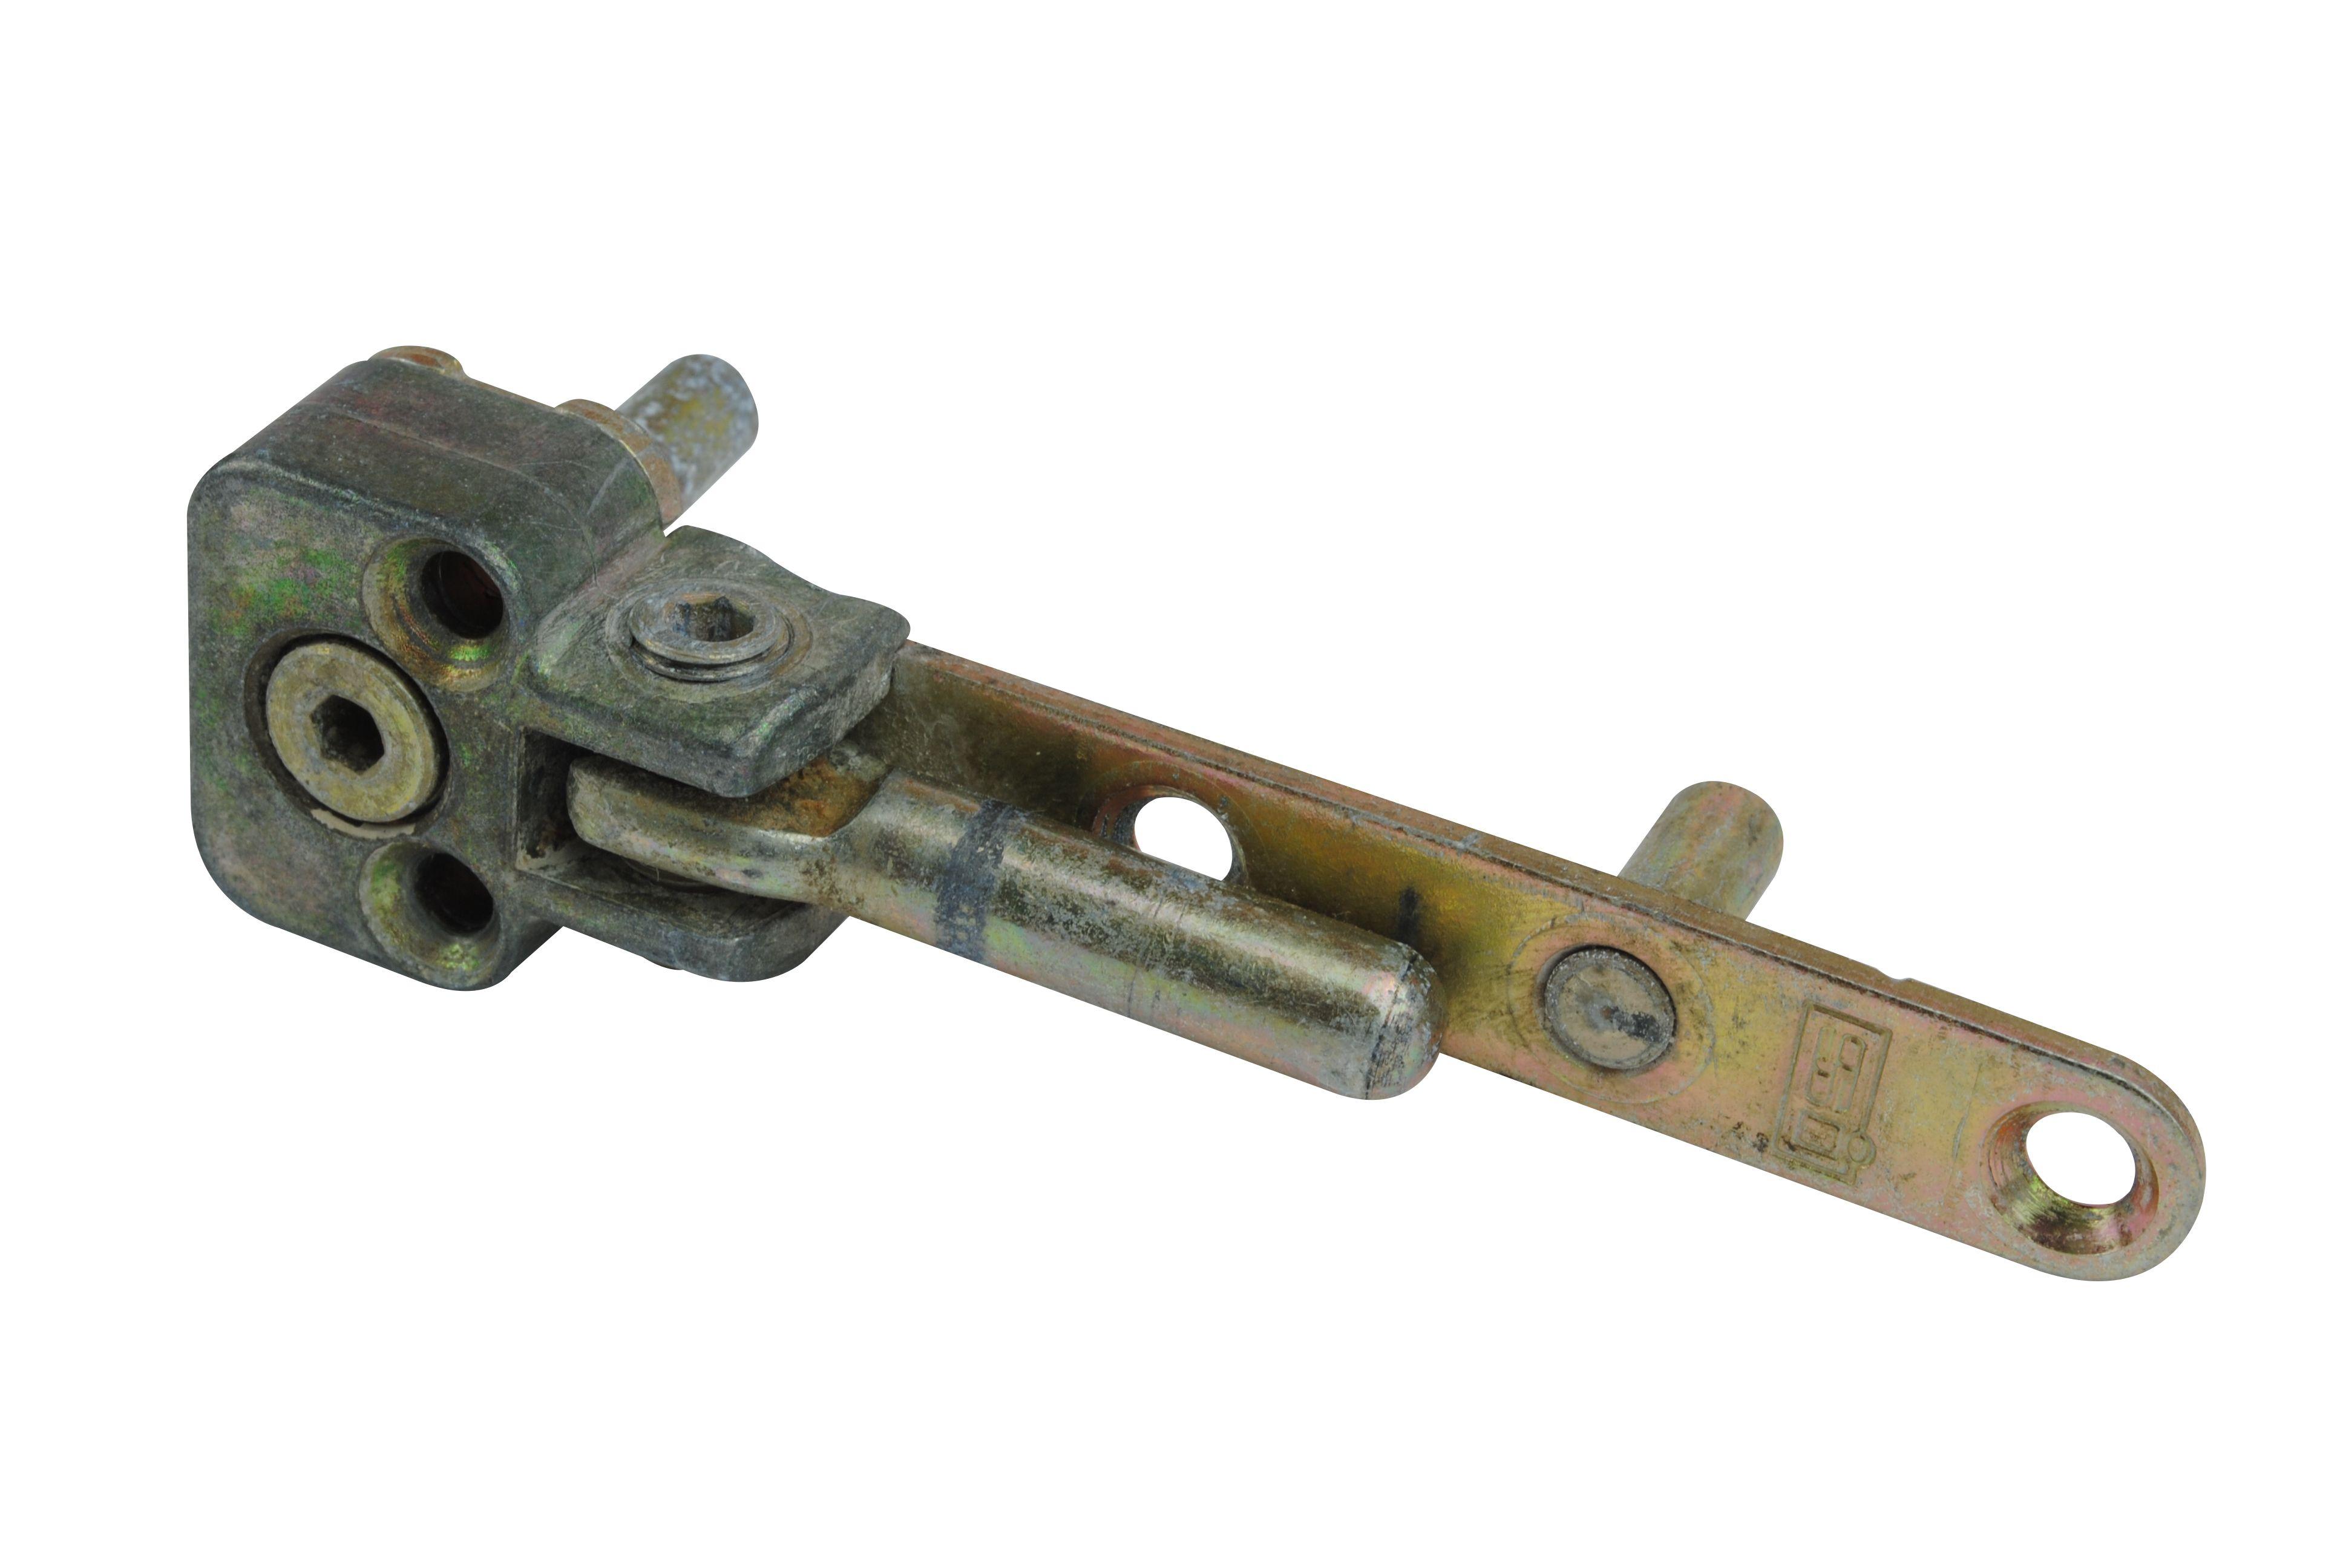 Roplasto Getriebe Beschlag mit Lochstangenaufnahme für alte Kunststoff-Fenster